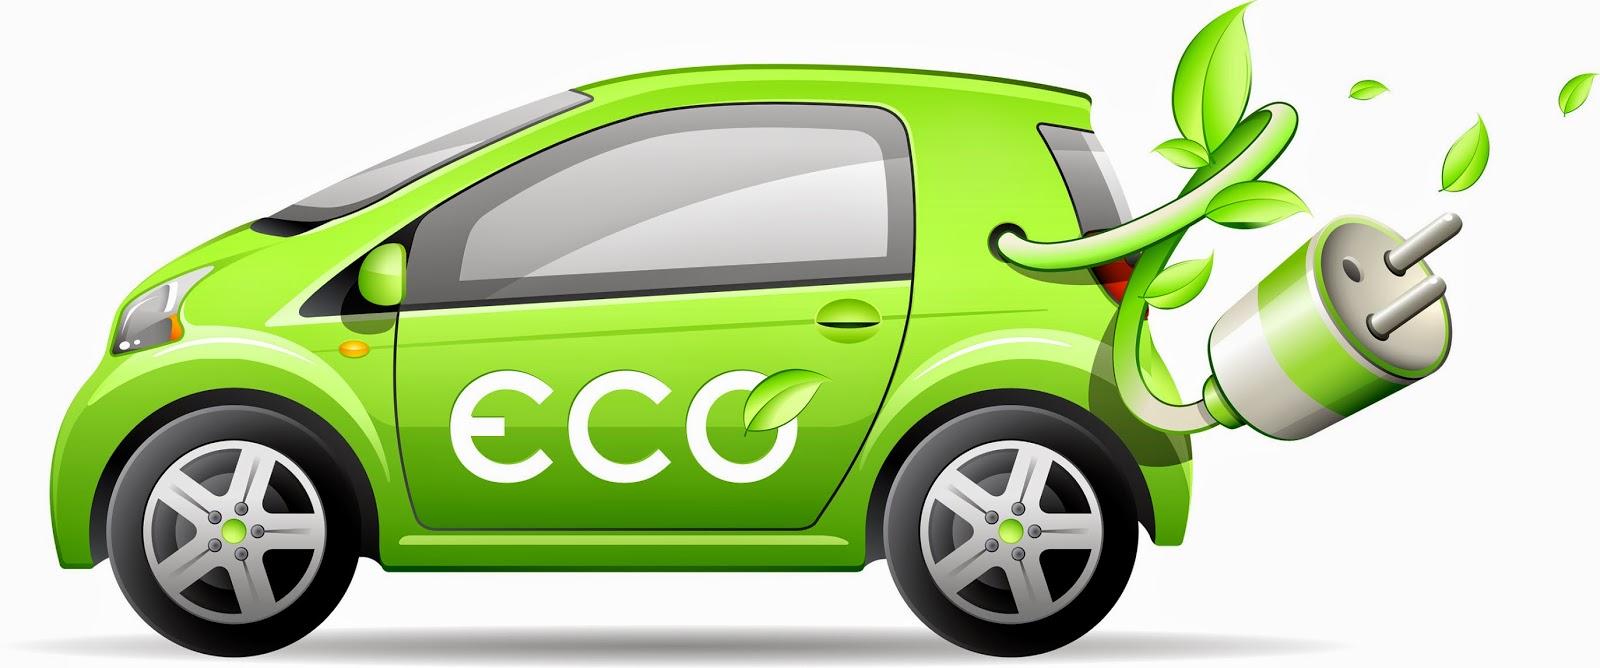 Vehiculos ecologicos